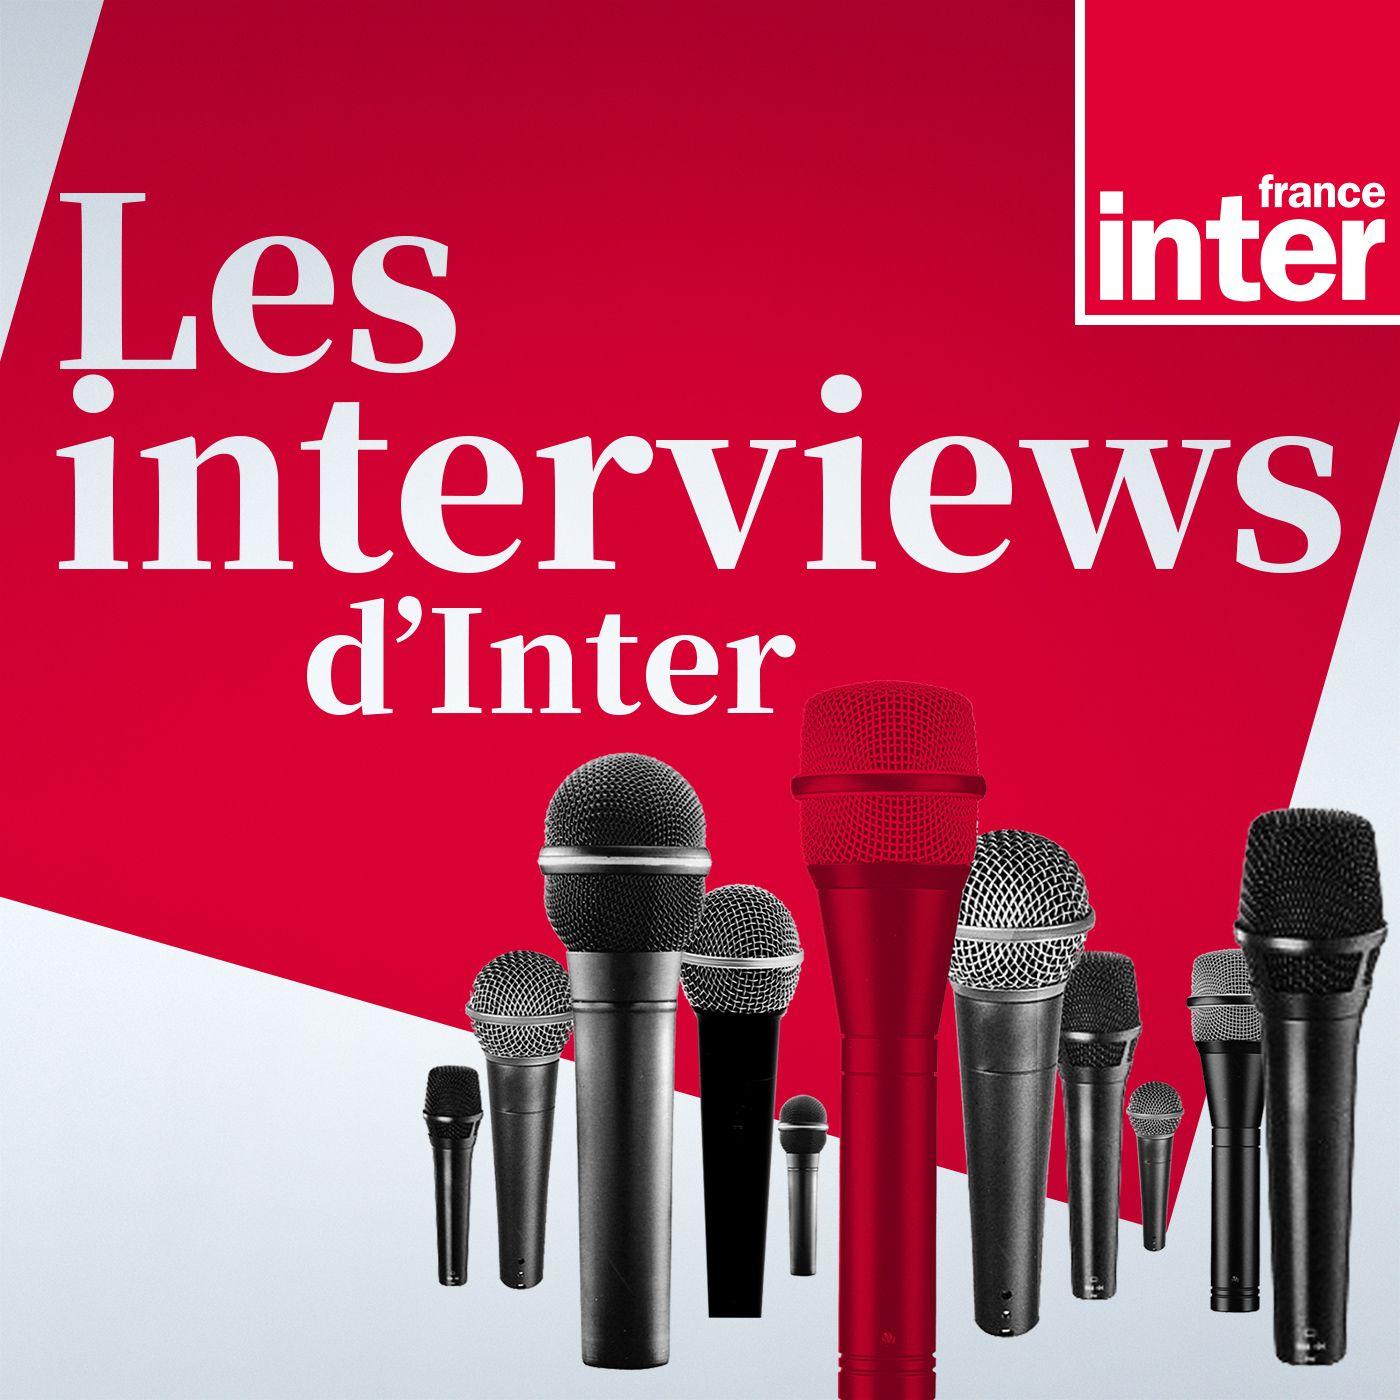 Image 1: Les interviews d Inter